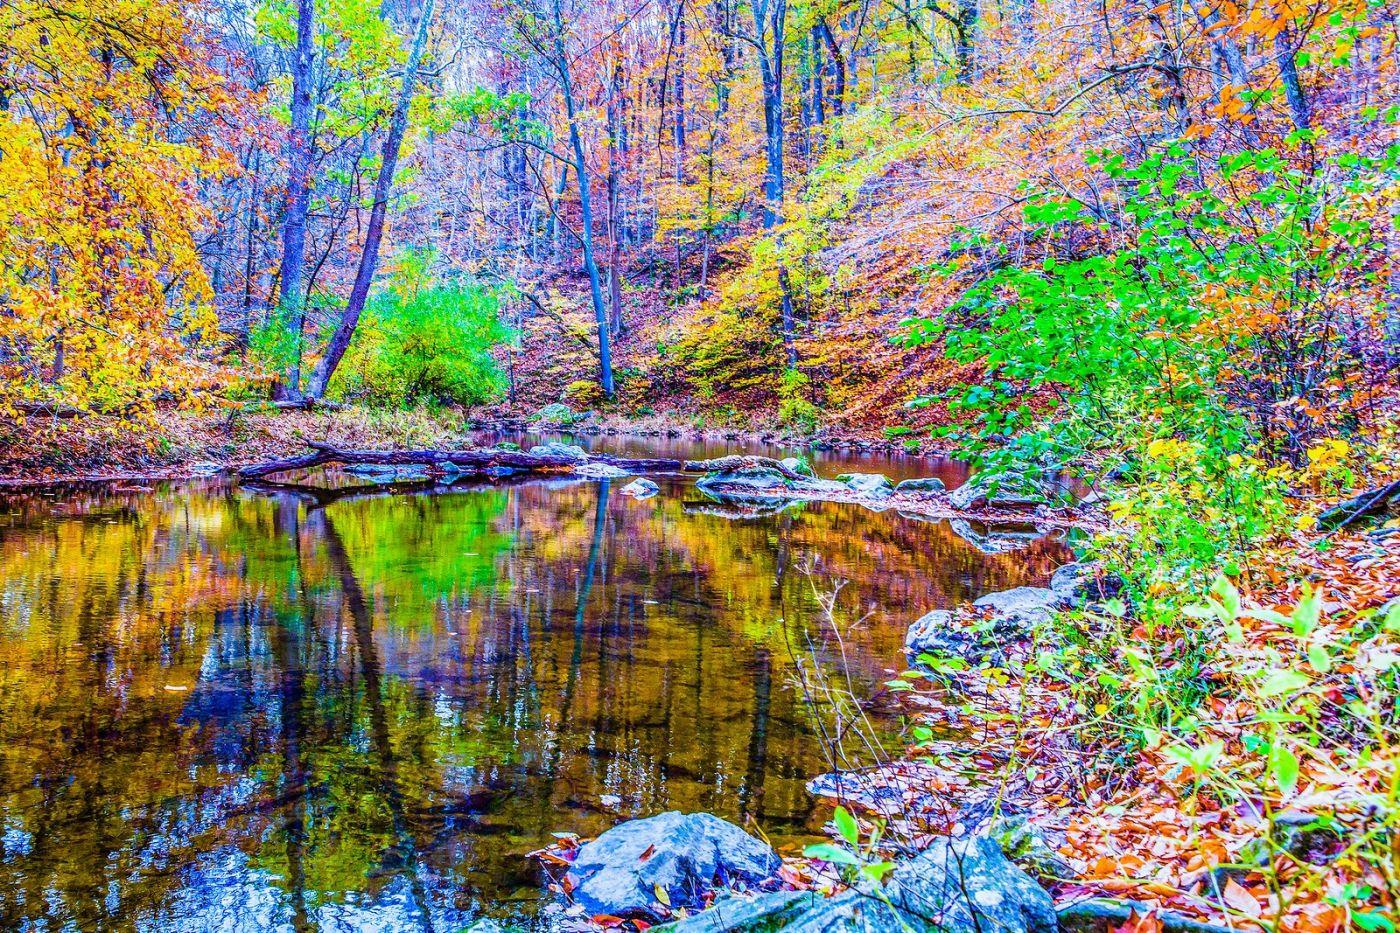 宾州雷德利克里克公园(Ridley creek park),如梦的画面_图1-38